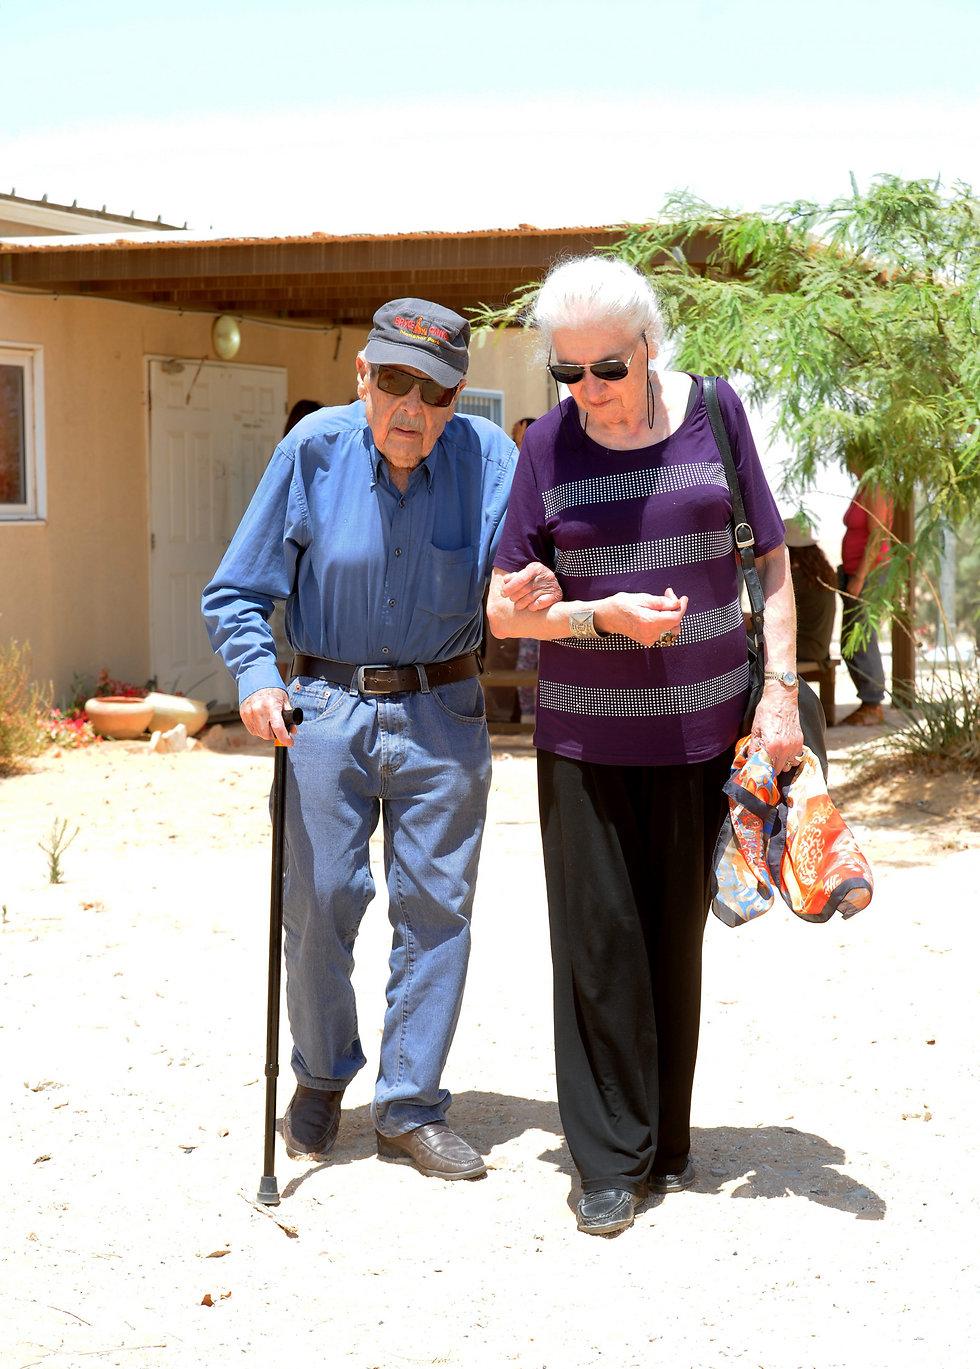 גורי ואשתו עליזה במסע בעקבות פלוגה ב' בחטיבת הנגב (צילום: חיים הורנשטיין)